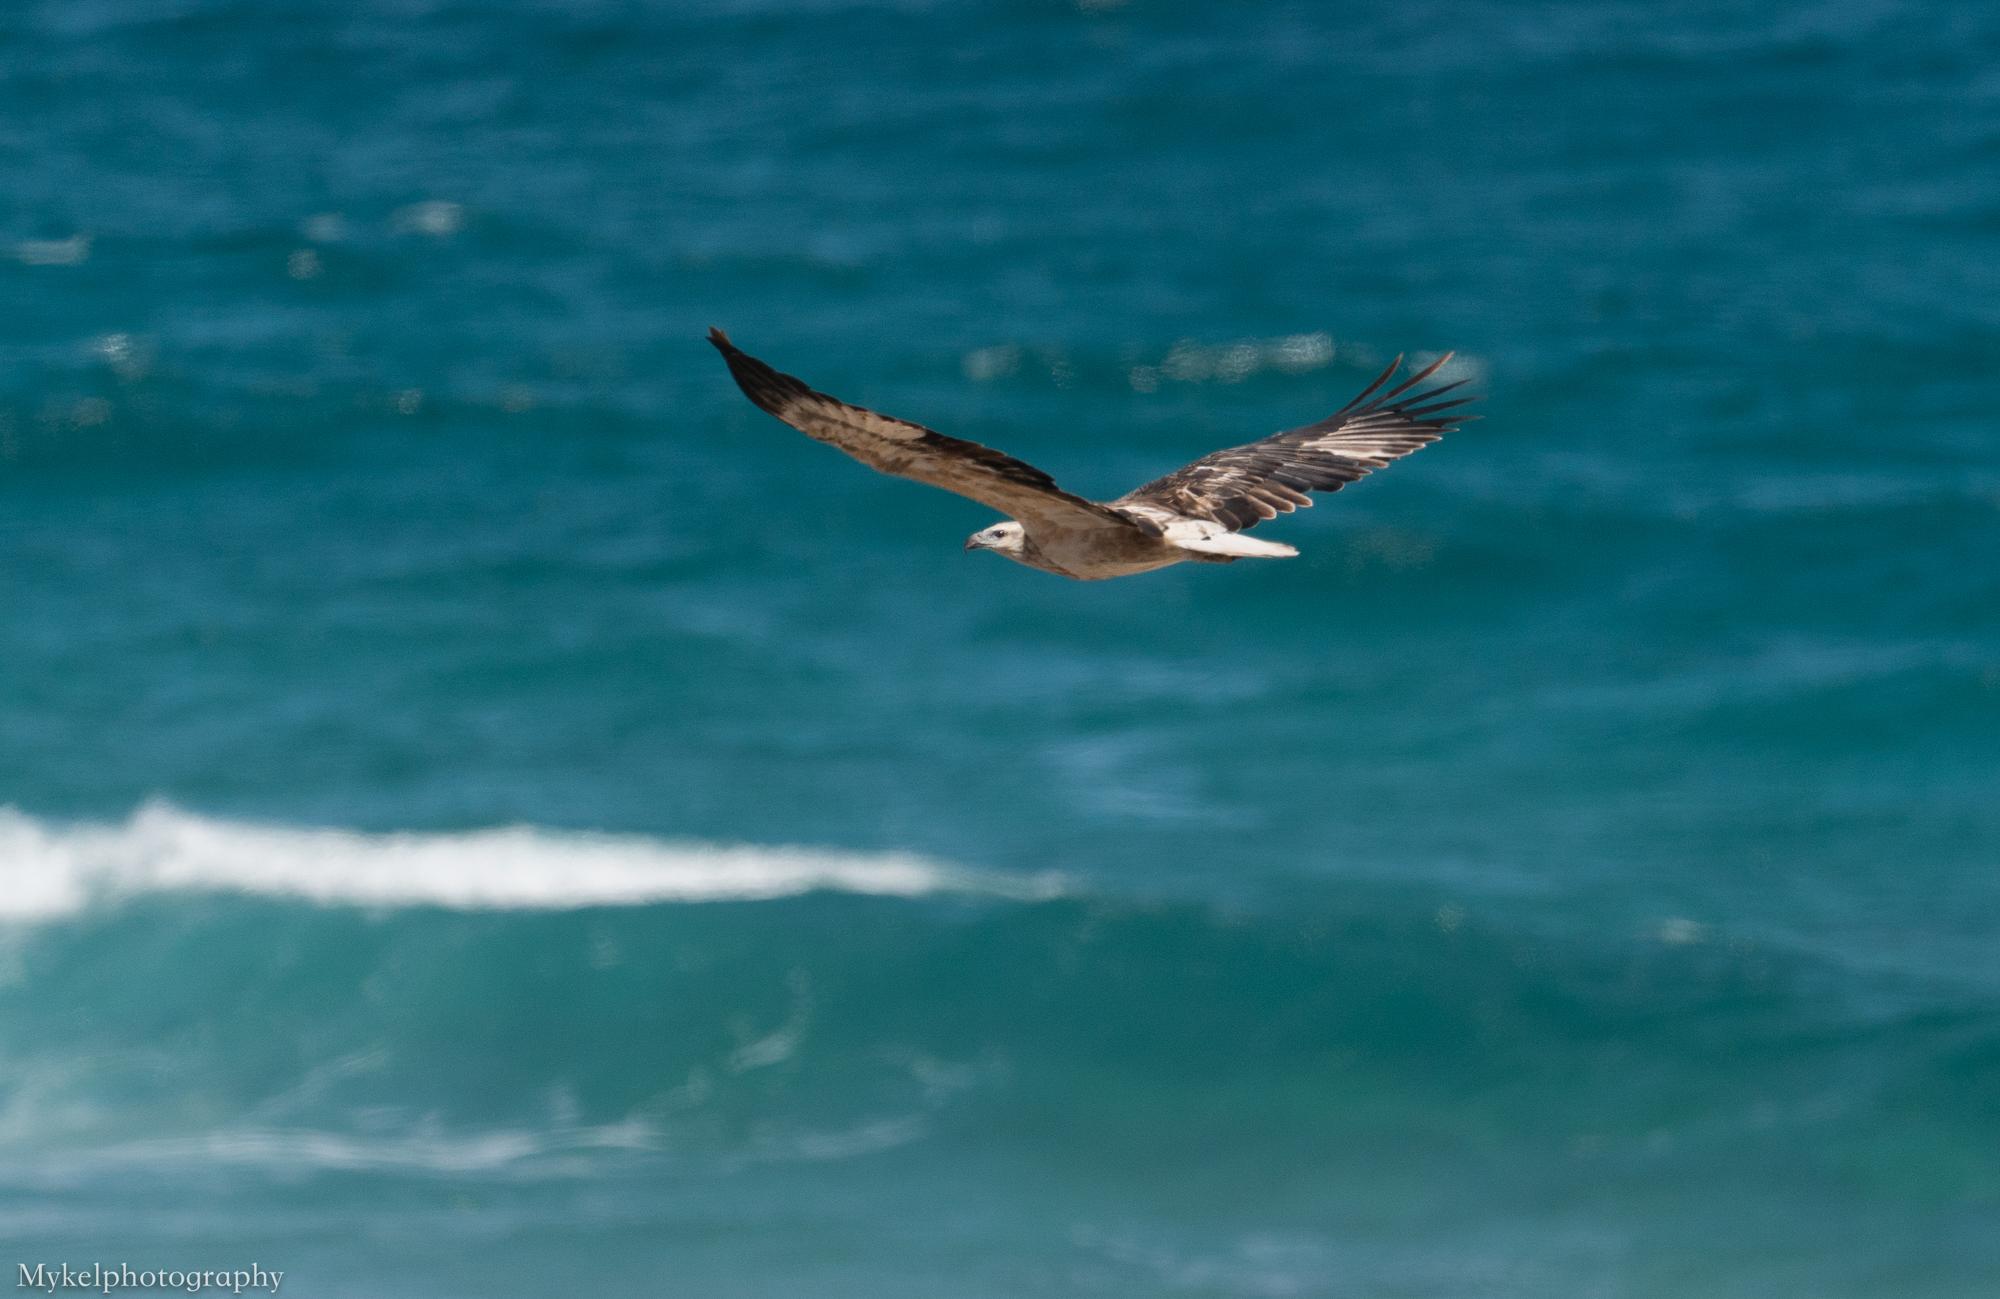 Wedge-tailed Eagle, Aquila audax Accipitridae